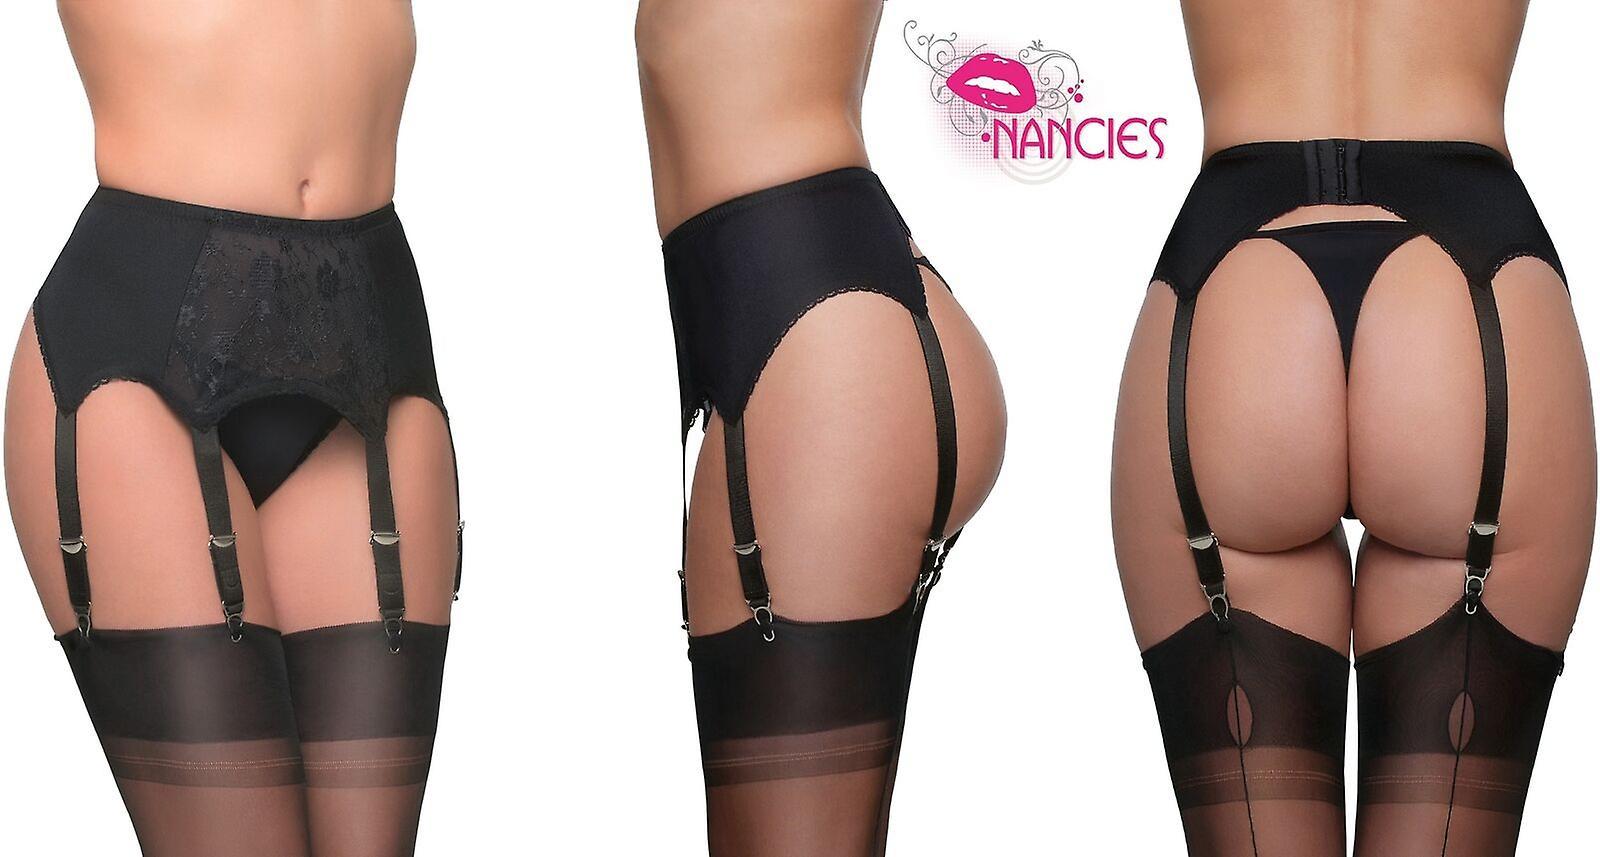 Slips panties stockings garter belts